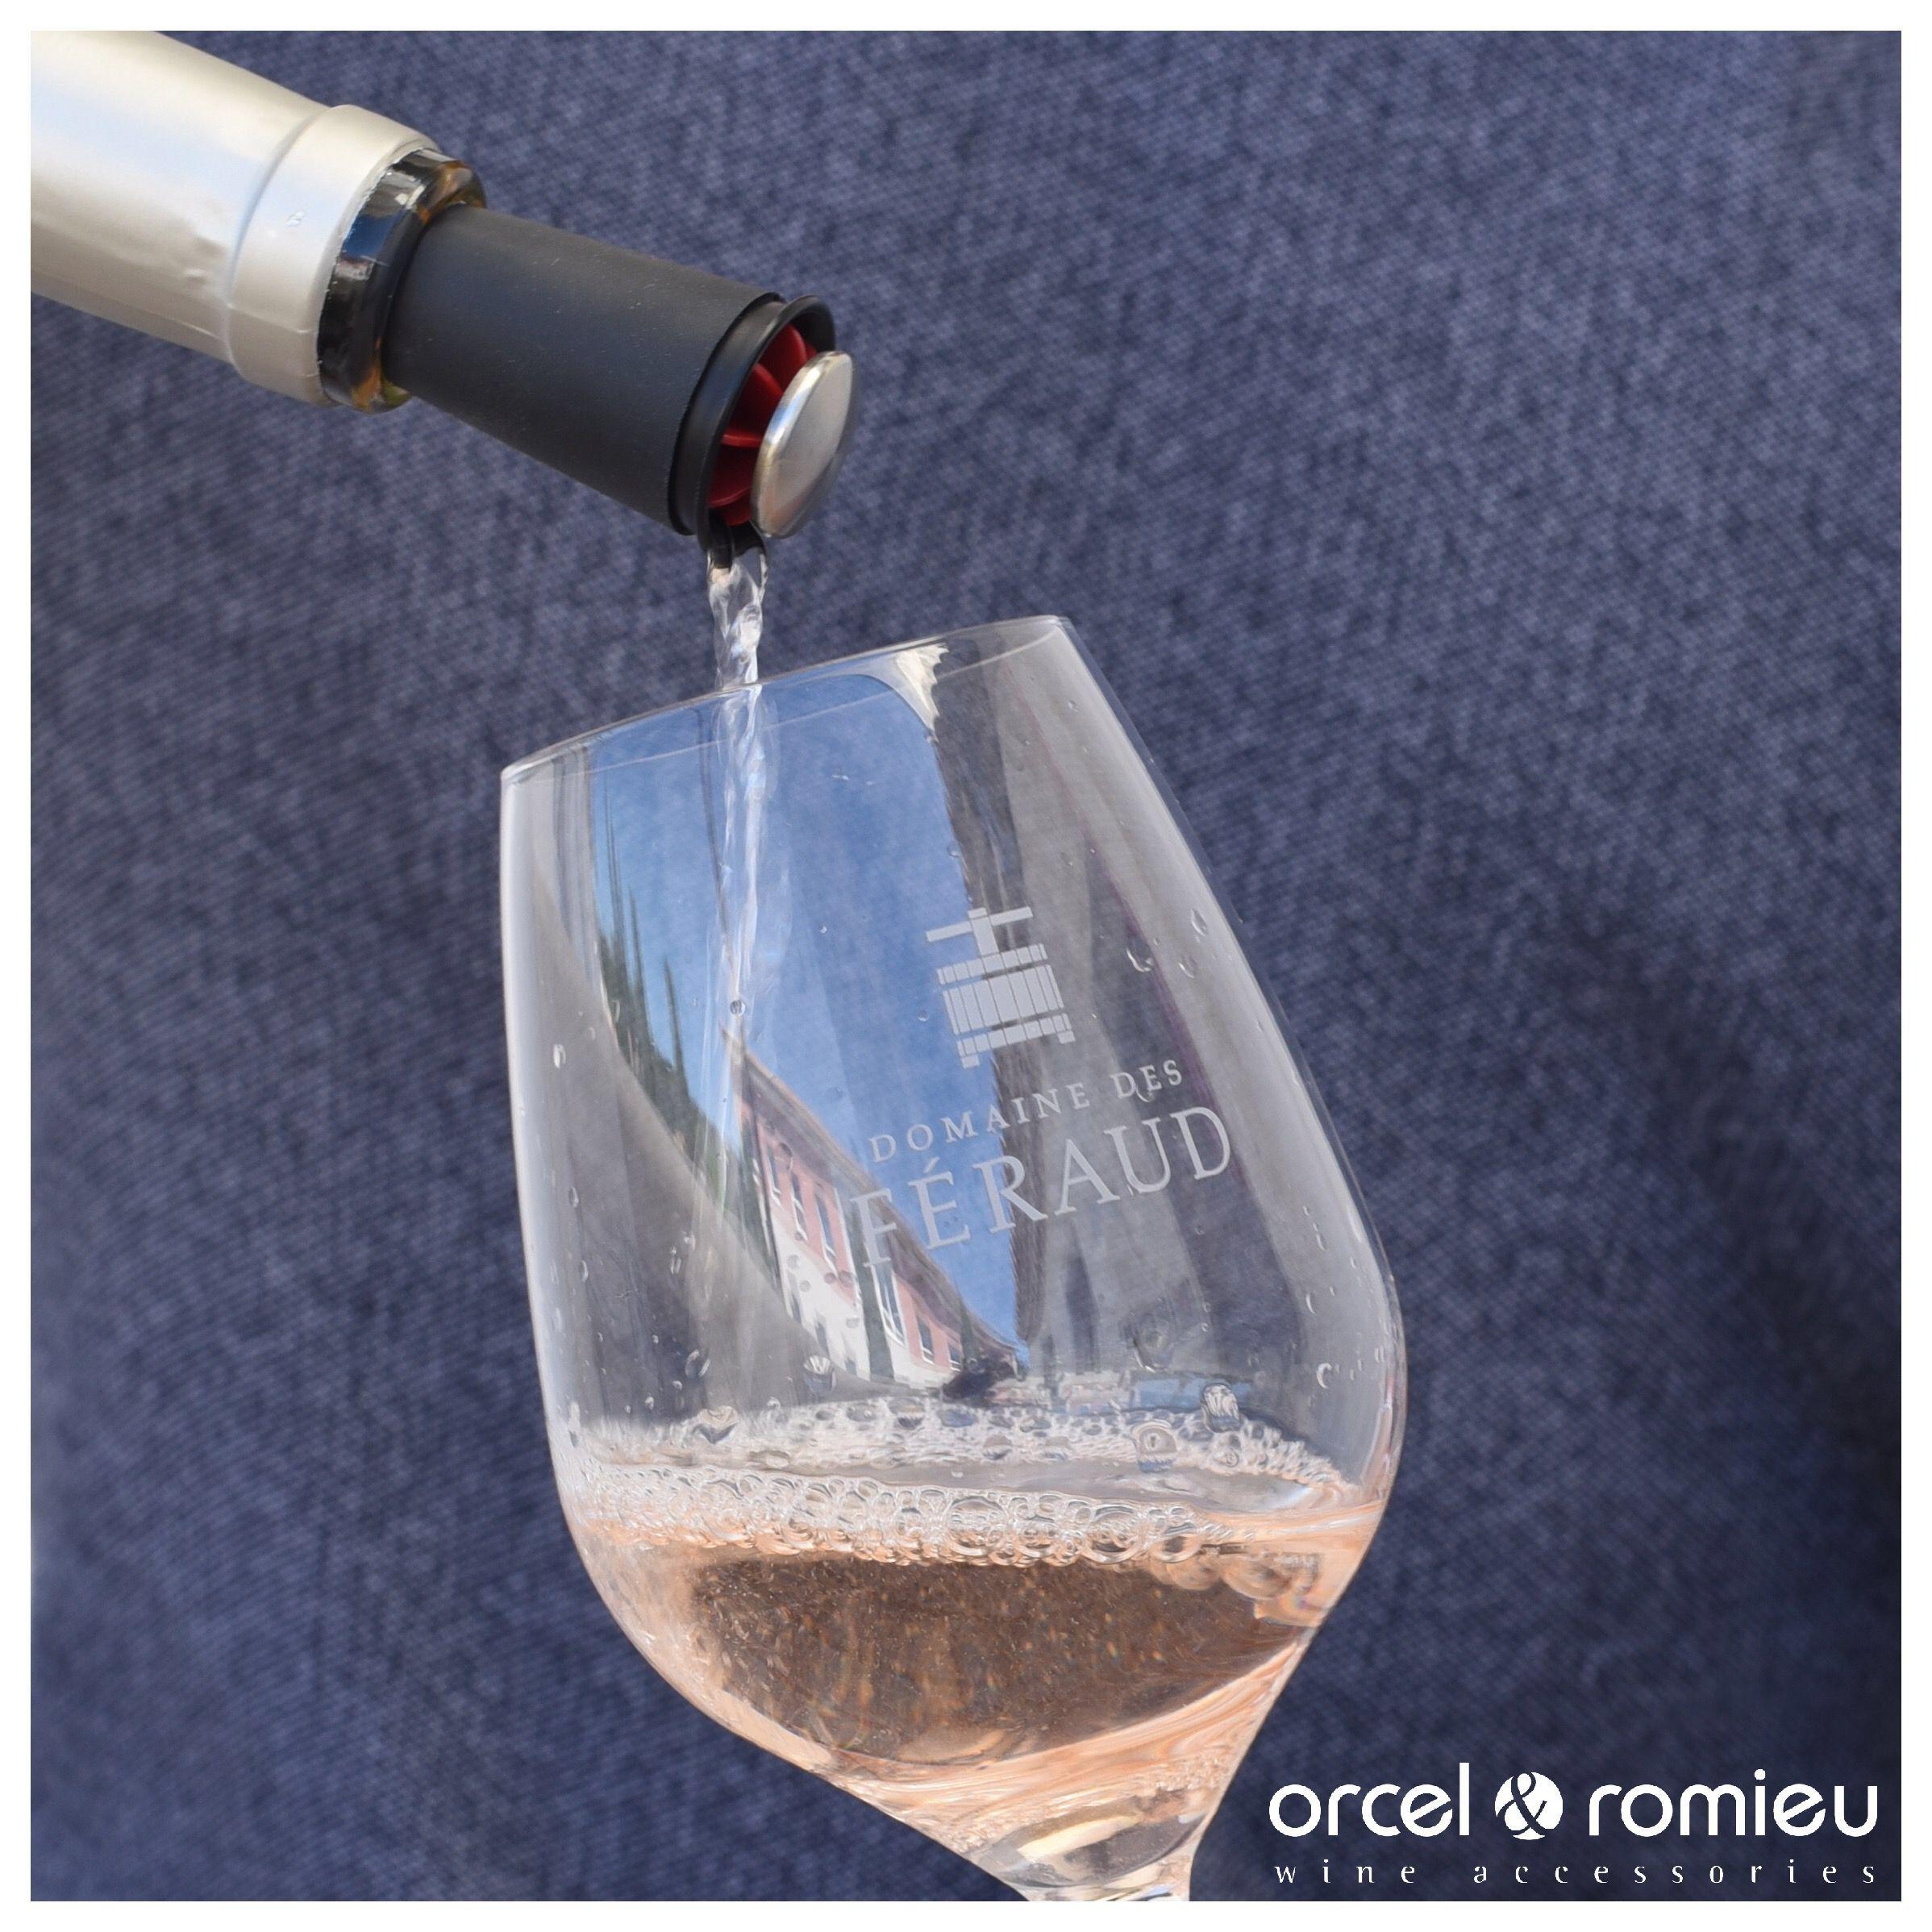 Aeration Du Vin L Accessoire Parfait Pour Servir Le Vin Tout En L Aerant Le Wine Est Un Cone Que Vous P